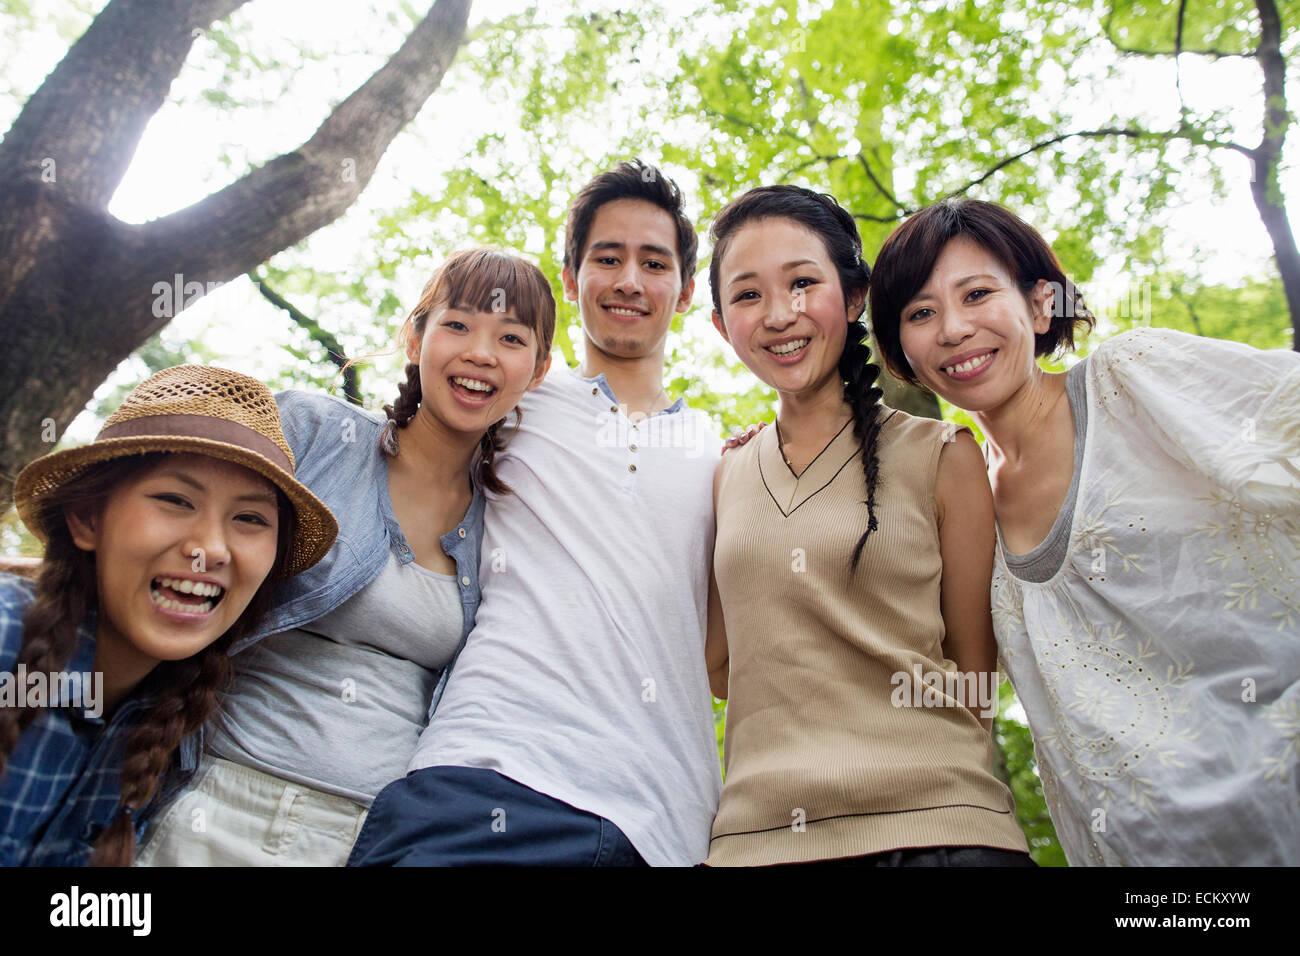 Grupo de amigos a una fiesta al aire libre en un bosque. Imagen De Stock